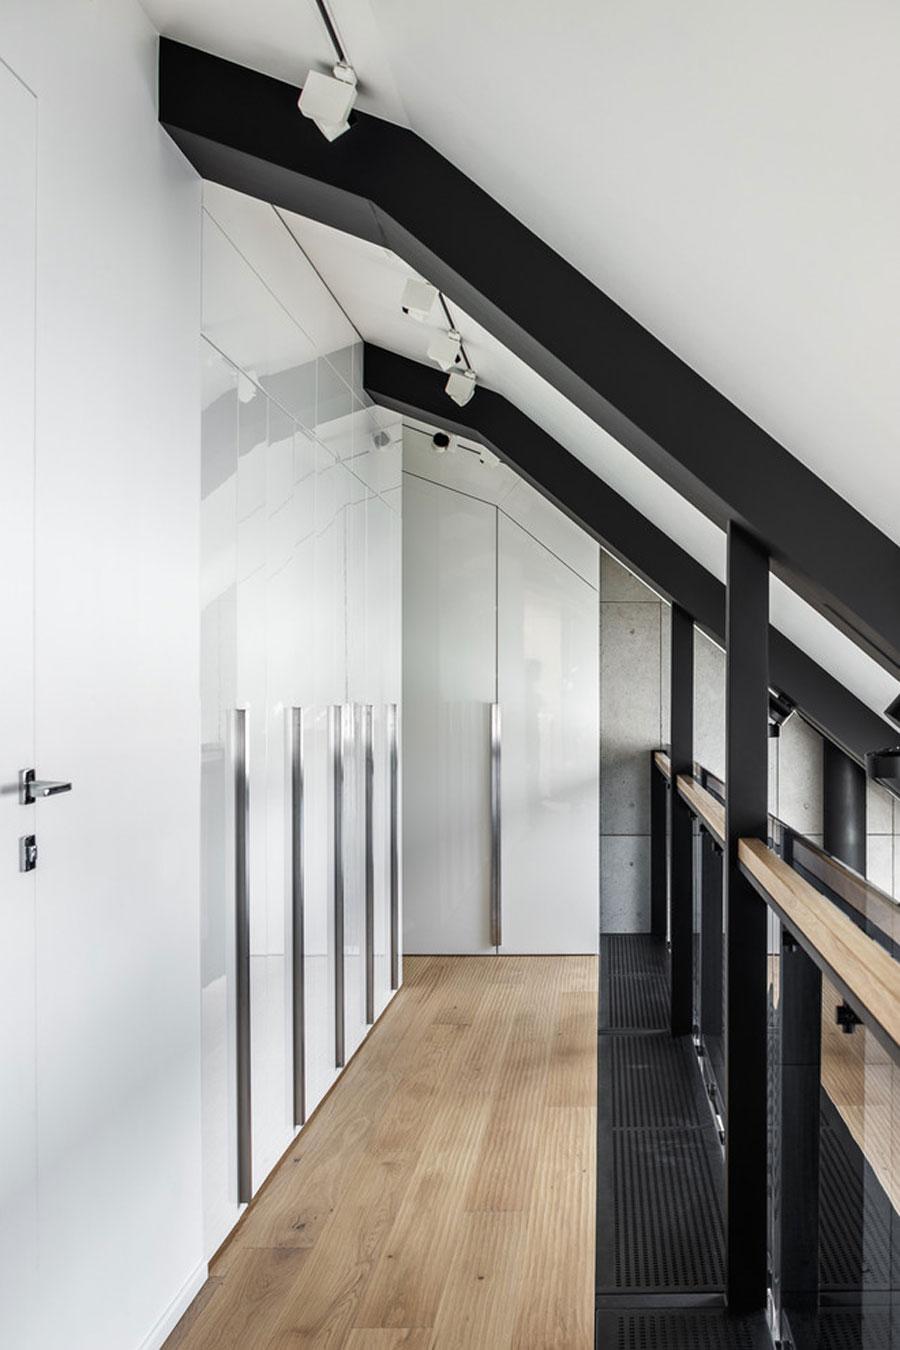 Stoer loft appartement met een industriële warme sfeer